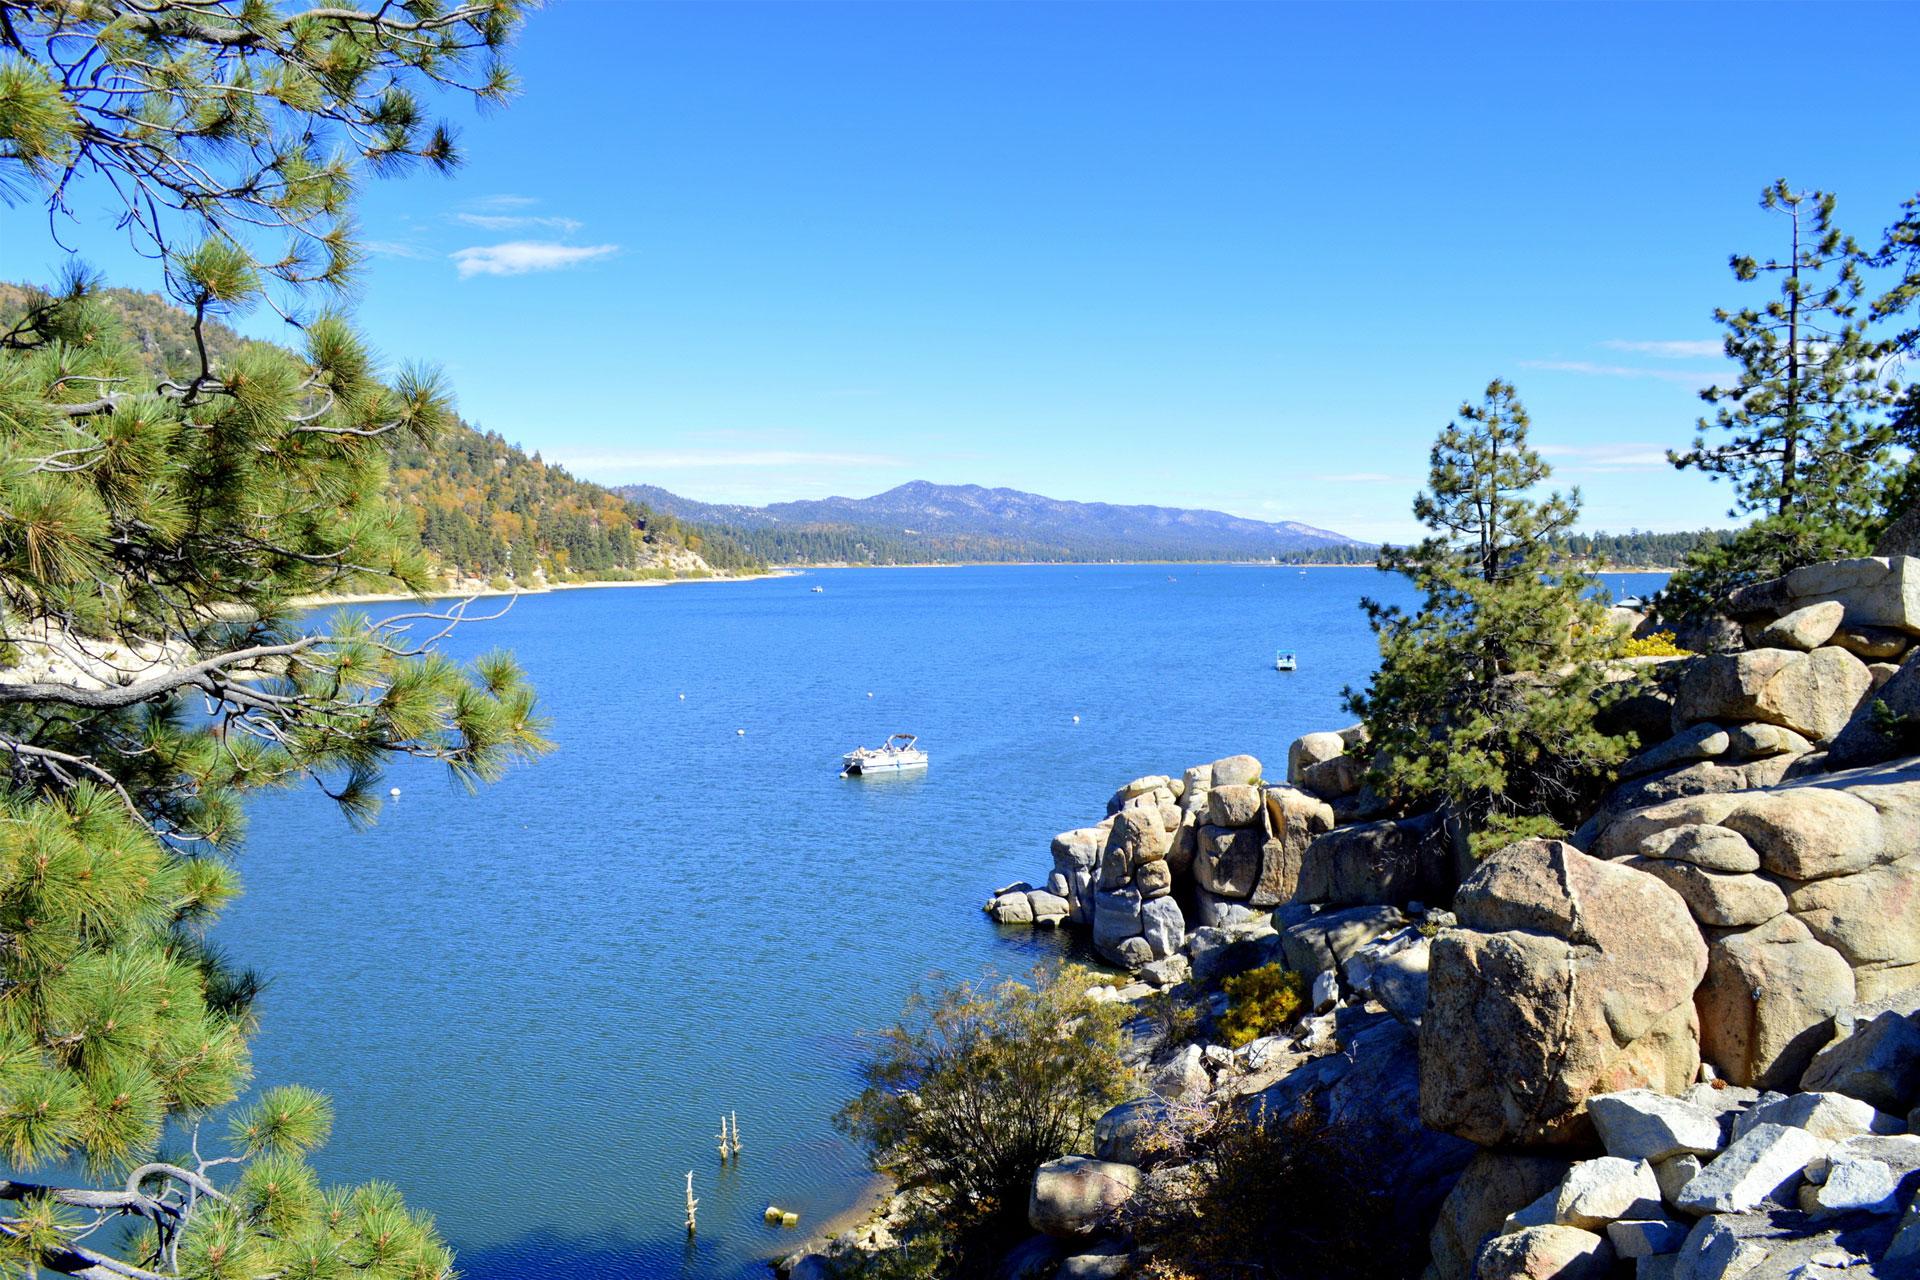 Big Bear Lake, California; Courtesy of divanov/Shutterstock.com